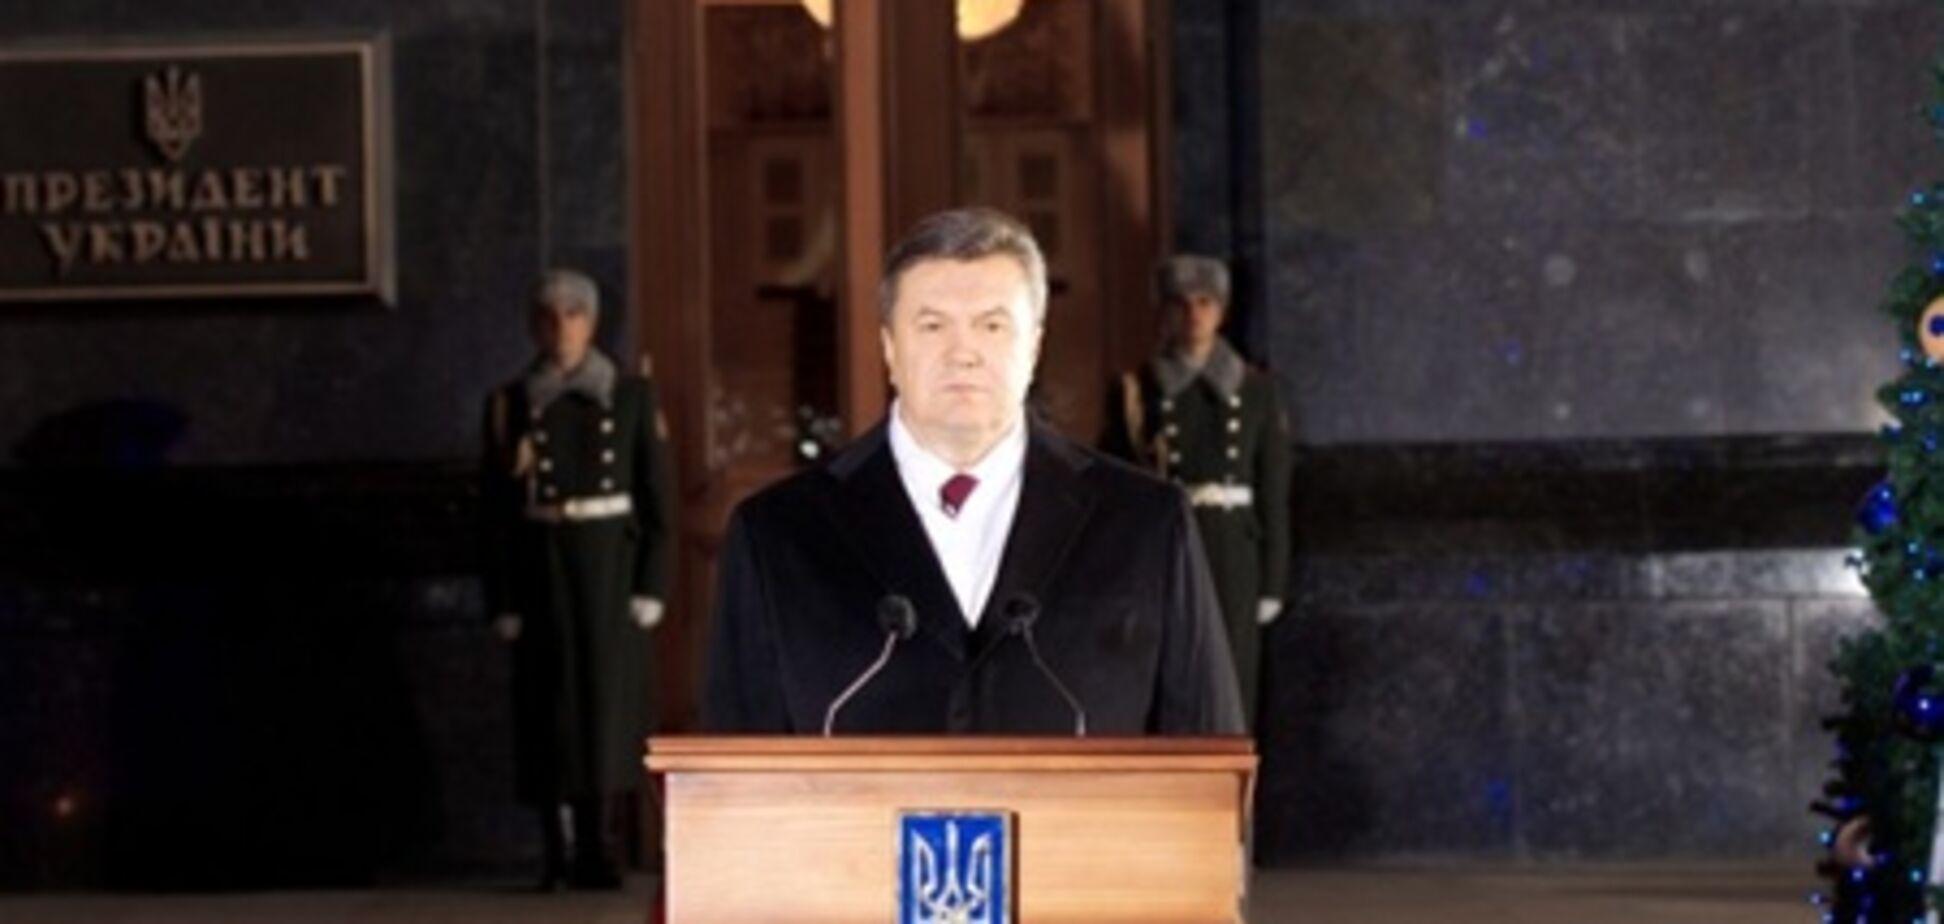 Новорічне звернення президента України Віктора Януковича